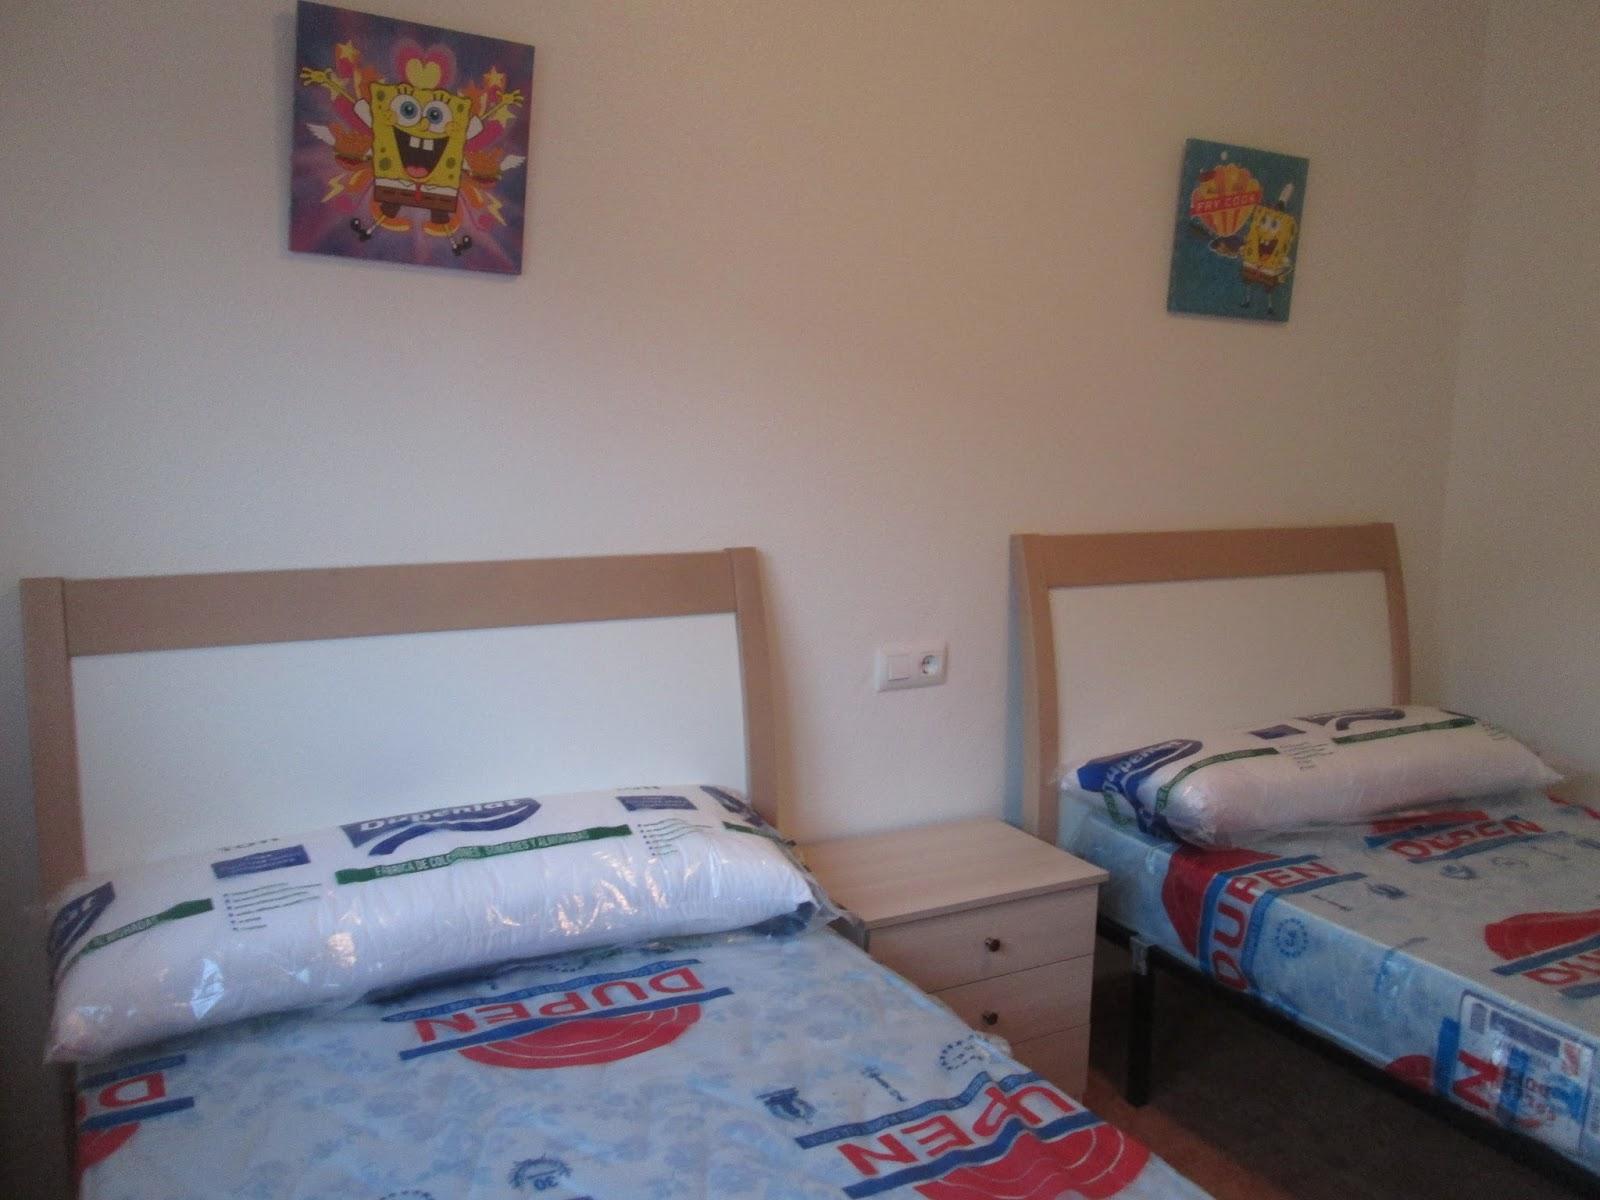 Muebles arcecoll piso completo 3500 - Muebles de piso completo ...